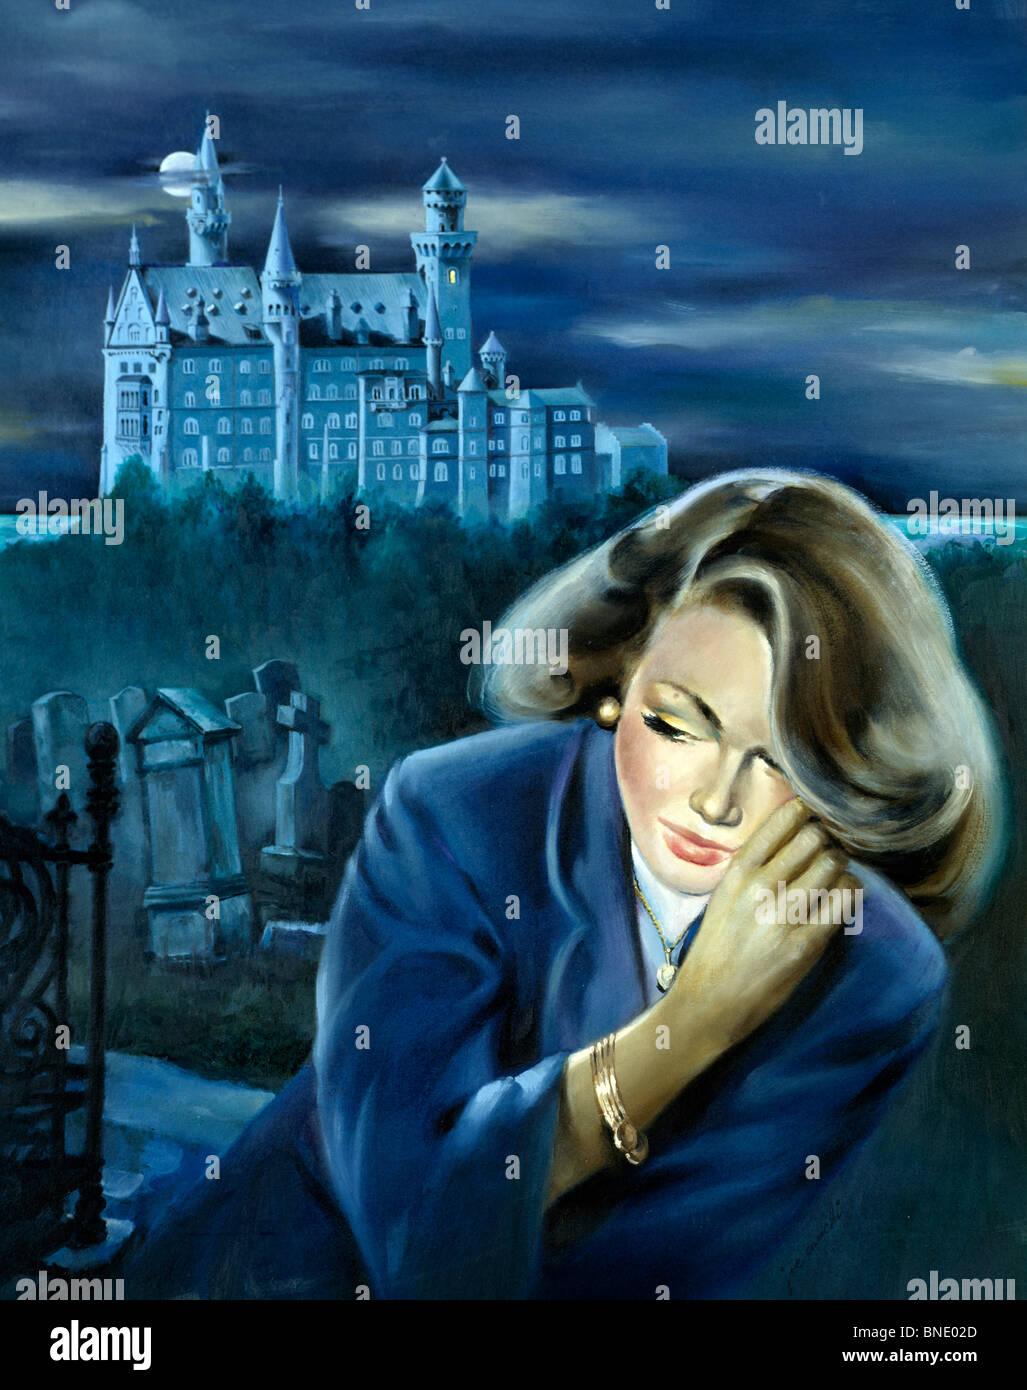 Frau mit einem Schloss im Hintergrund Stockfoto